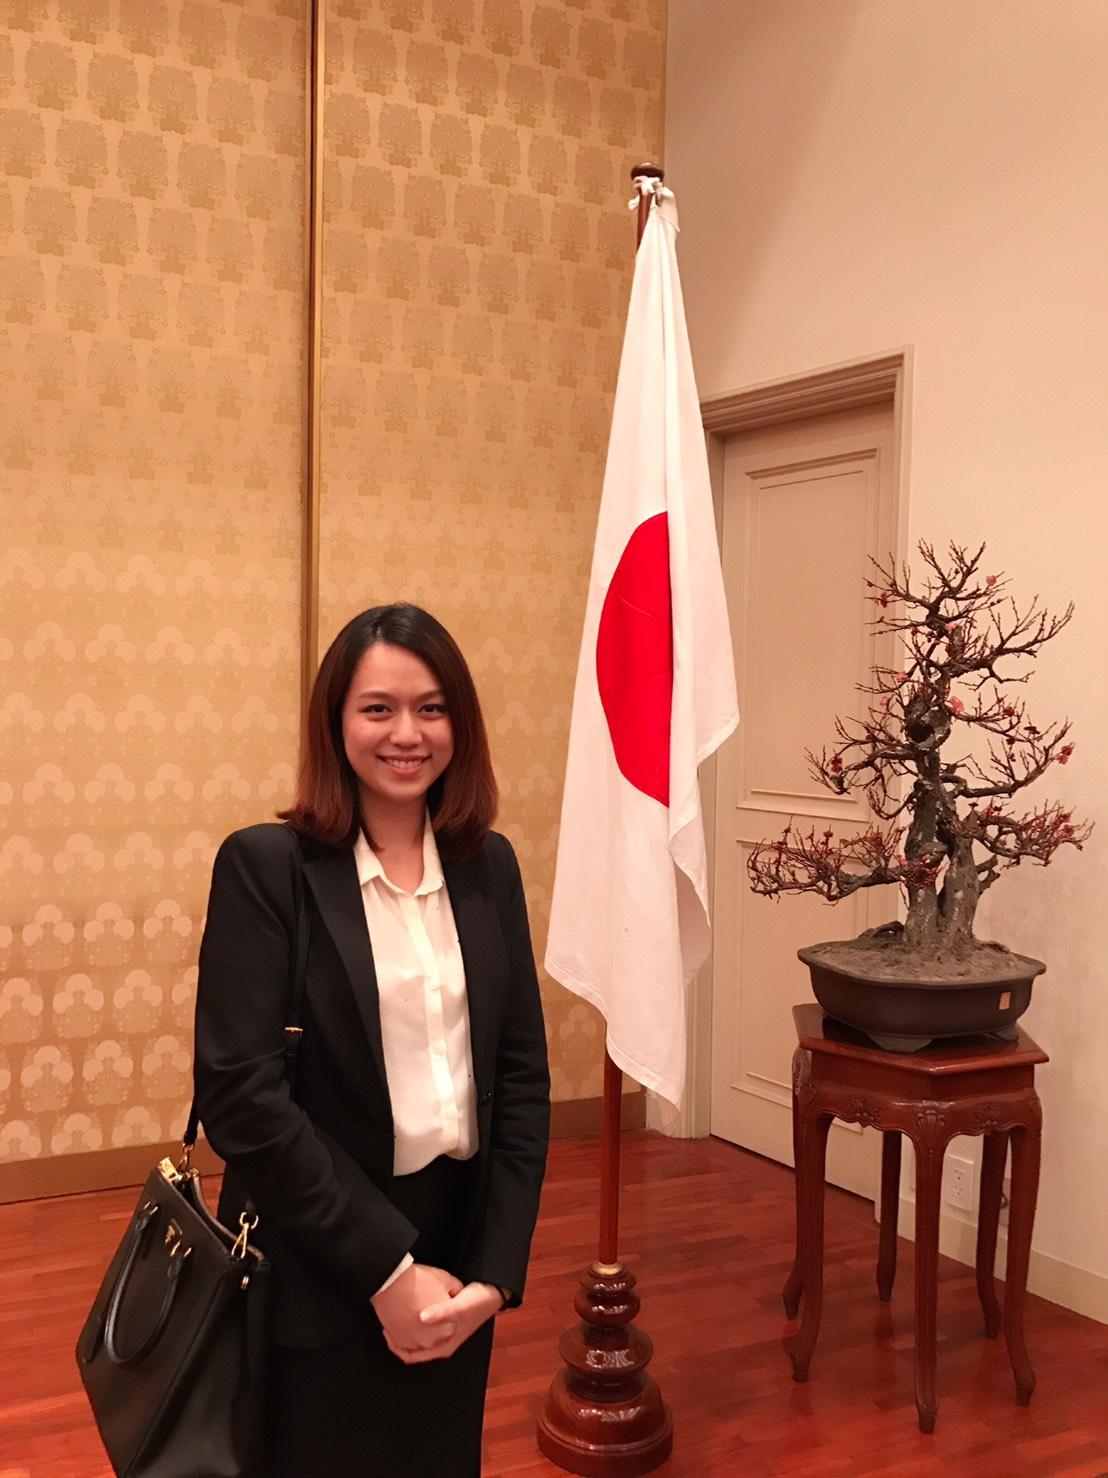 สอบชิงทุนรัฐบาลญี่ปุ่น